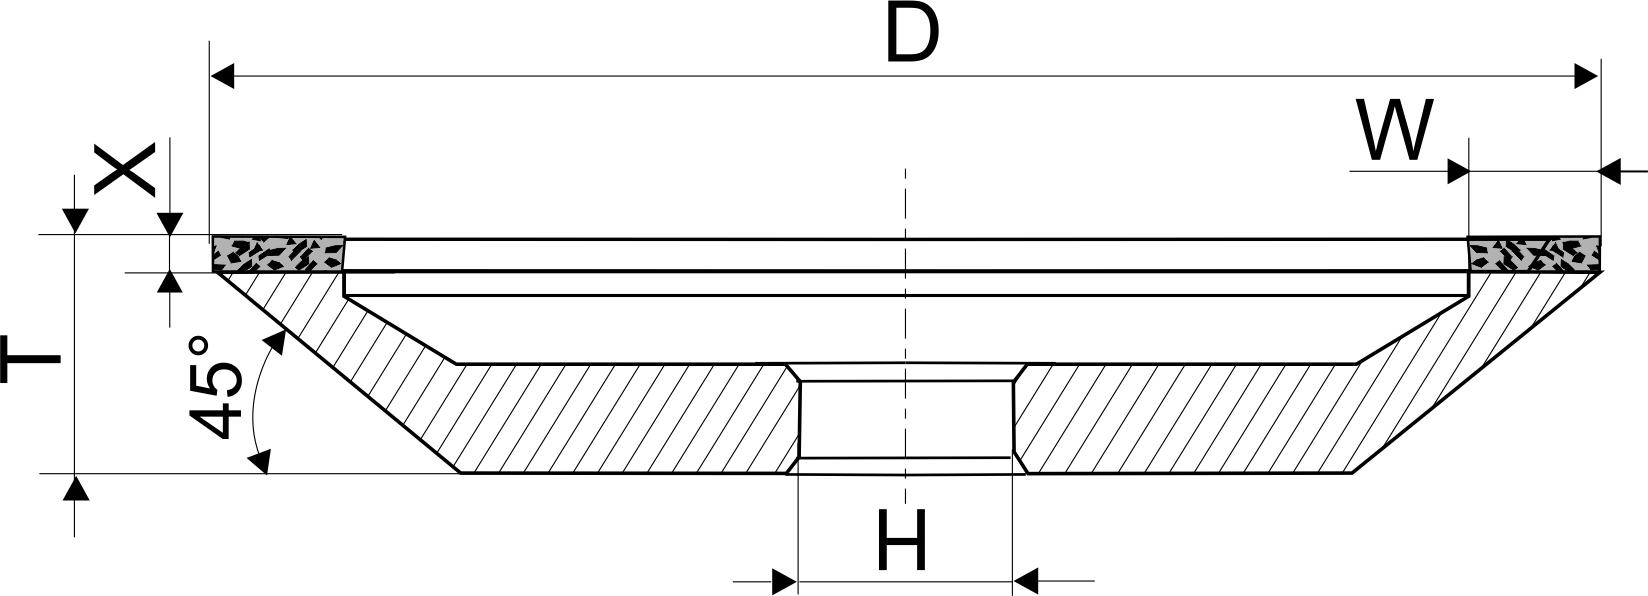 12A2-45. CBN Круги шлифовальные чашечные PDT